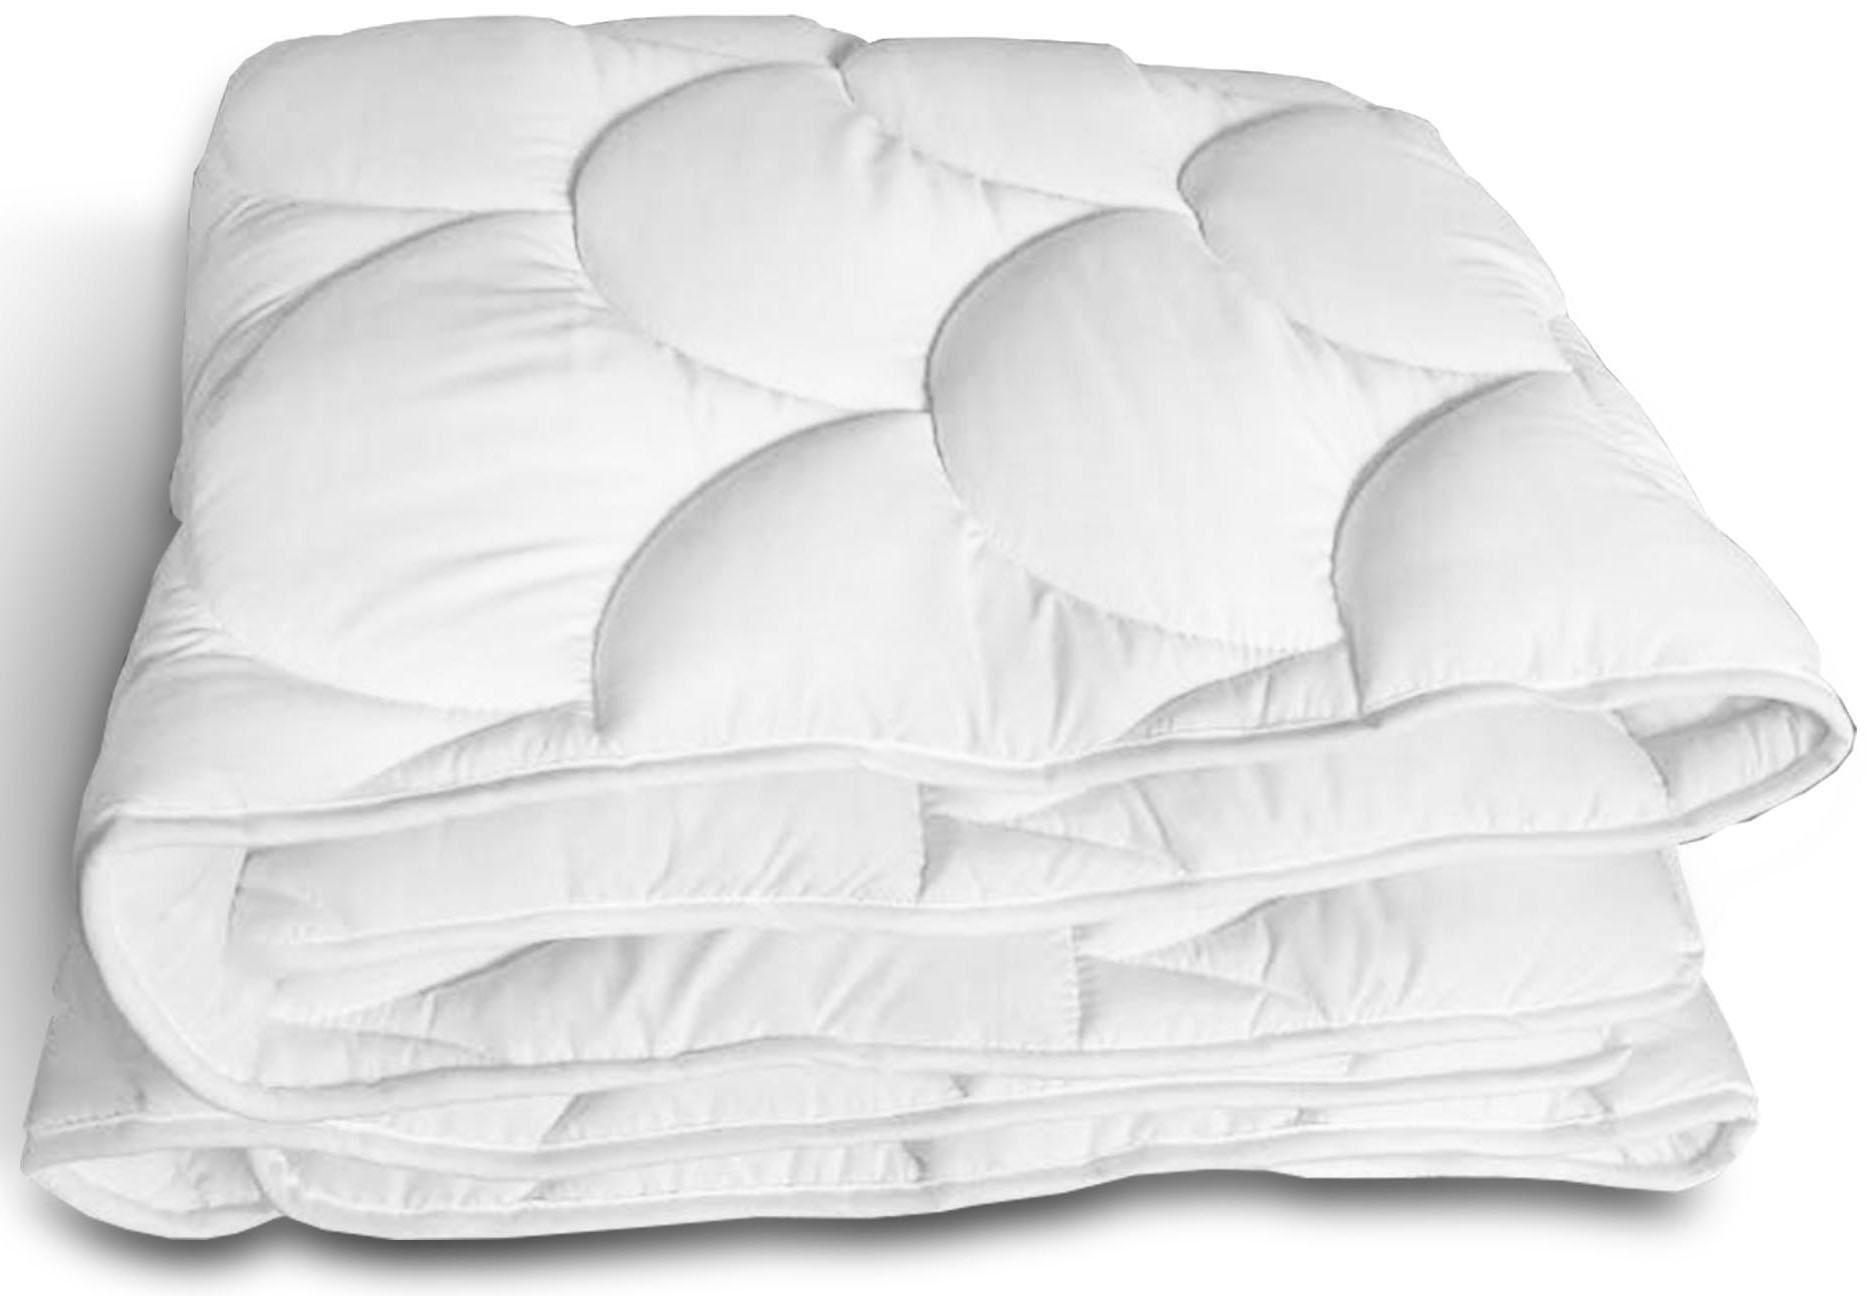 Mps Textiles Microfiber-dekbed, »Nature Clean Mono-Decke«, (1-dlg.) bij OTTO online kopen